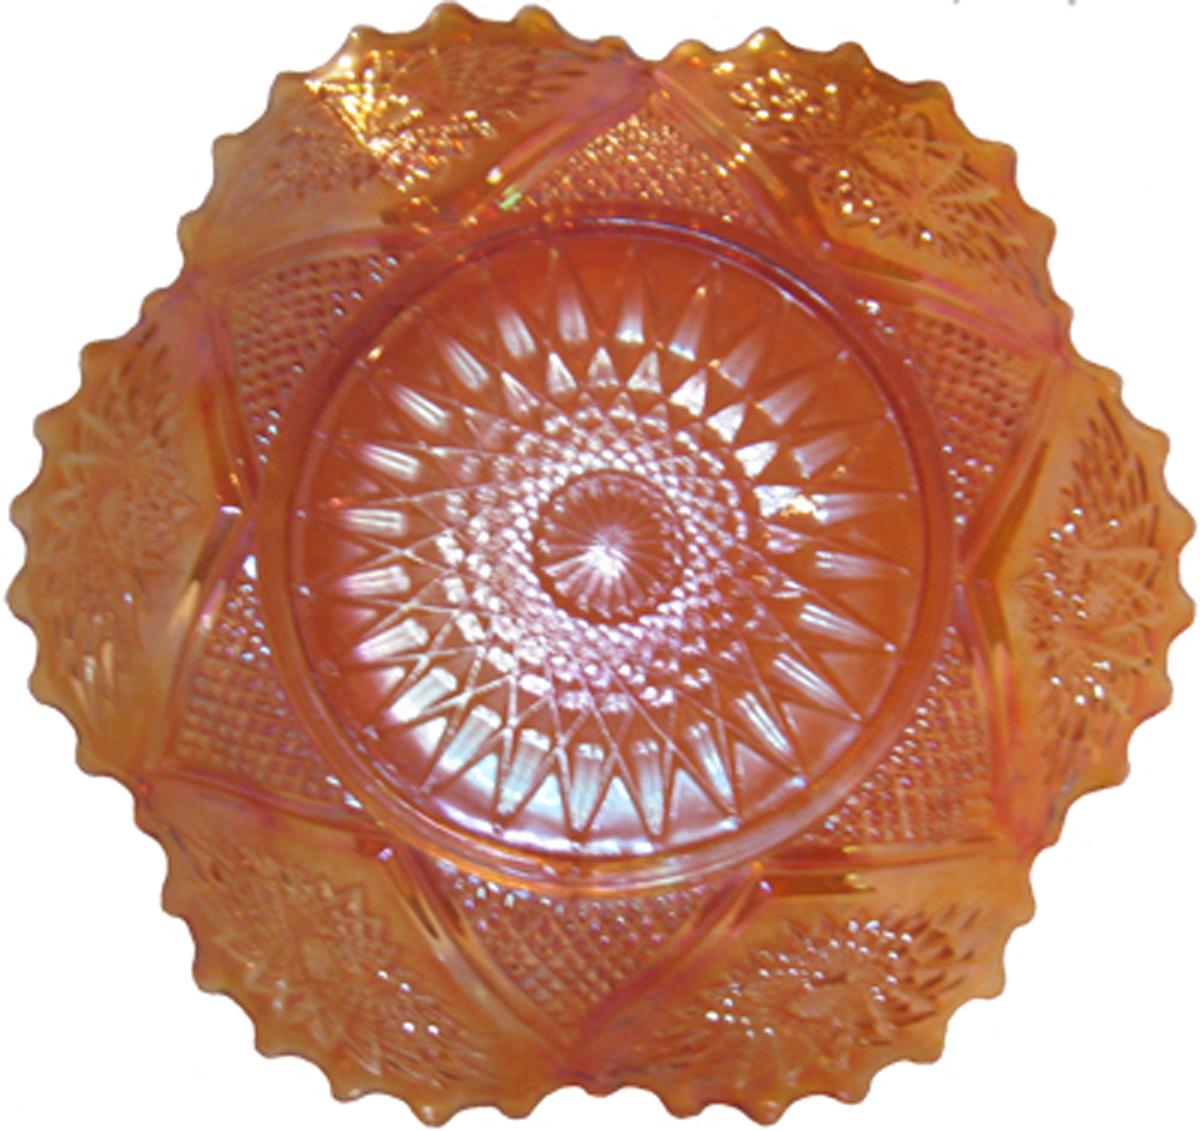 Stellar ruffled bowl -Sowerby